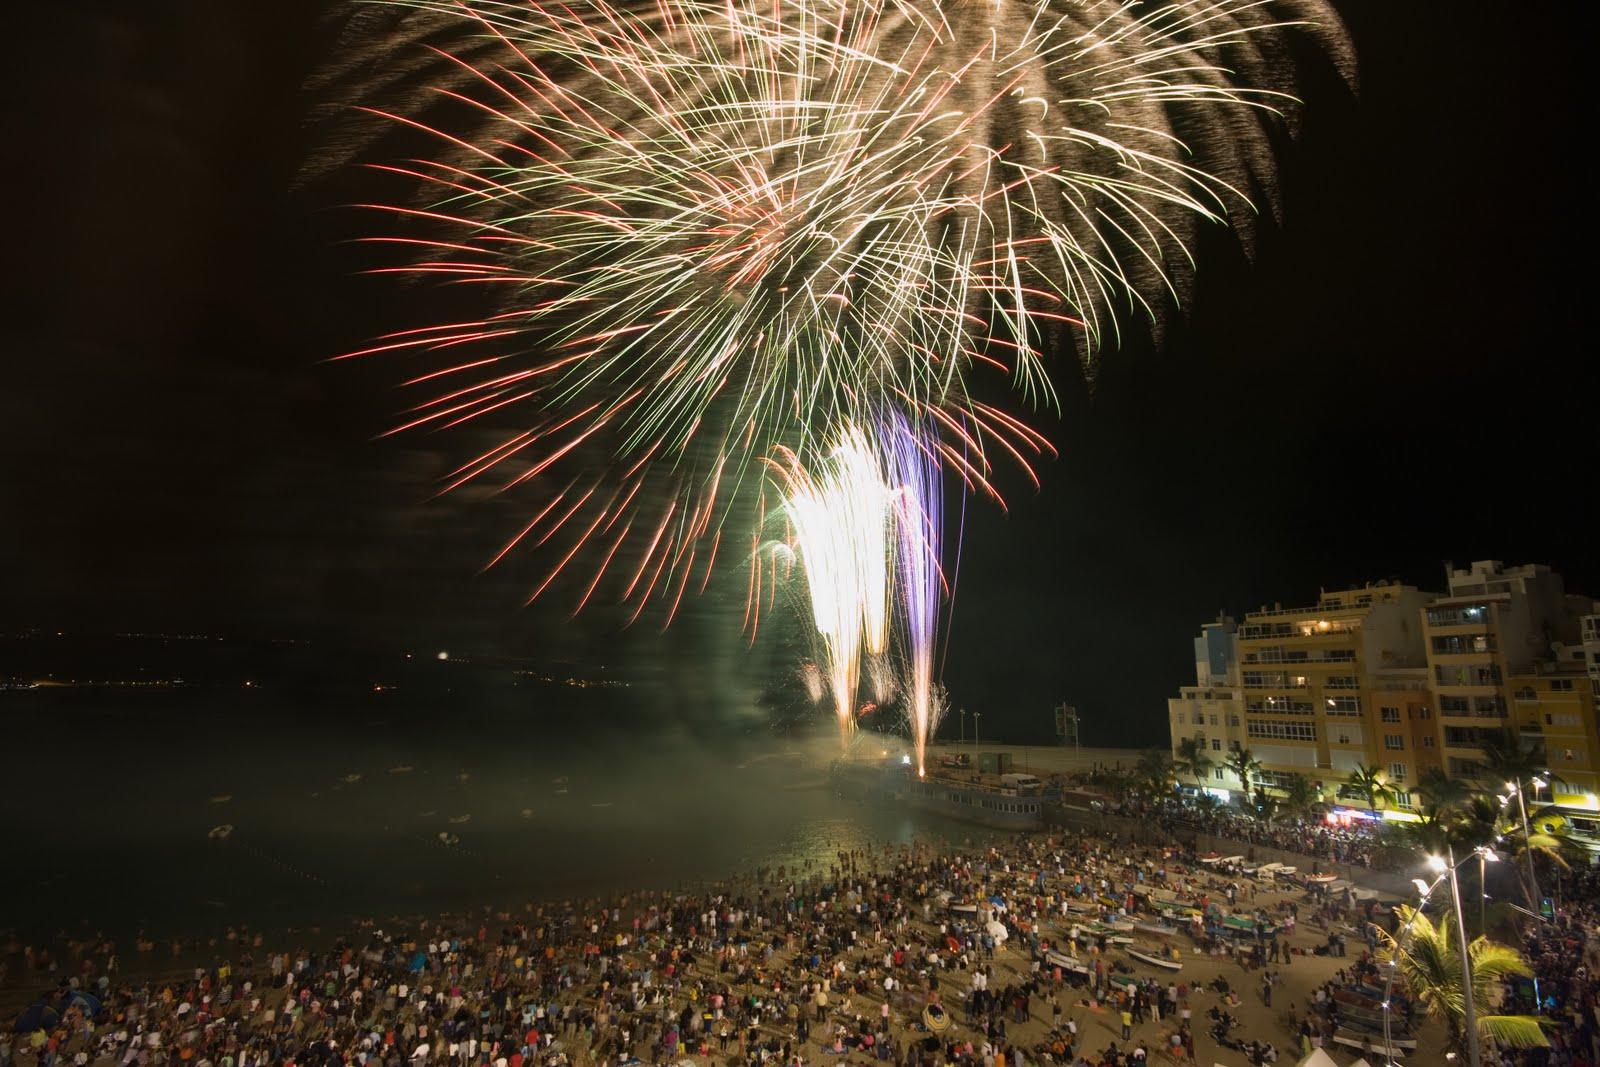 fiestas de fin de ano las palmas de gran canaria: